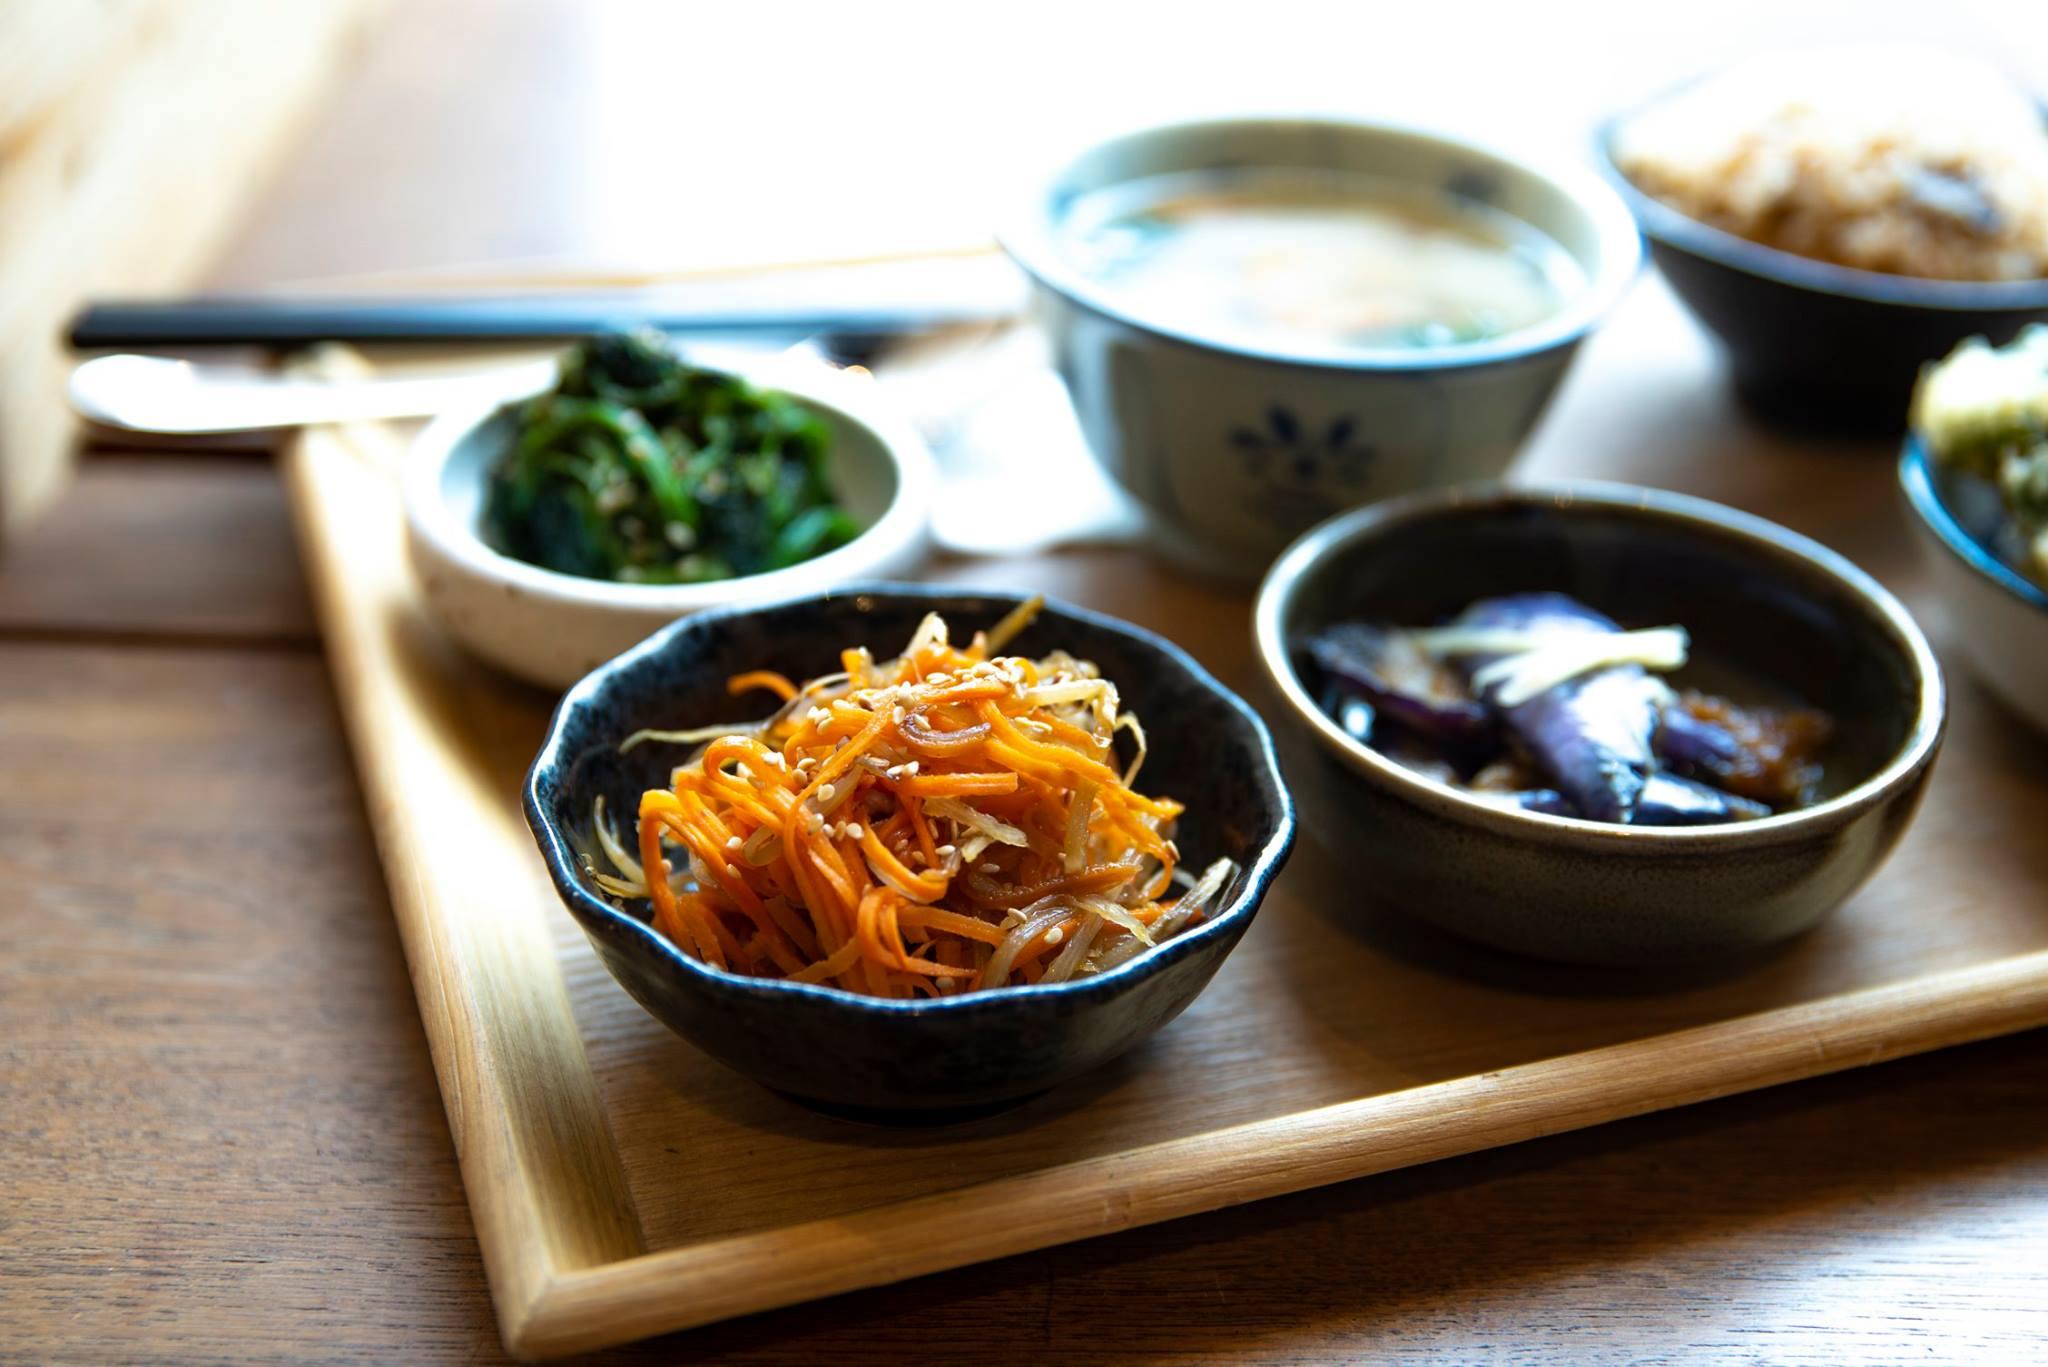 日式素食餐廳擺設精緻且味道清新可口,而且大部分菜式採取家常的食材,會讓人感覺就像是在家中吃飯一般。©Mum Veggie Cafe